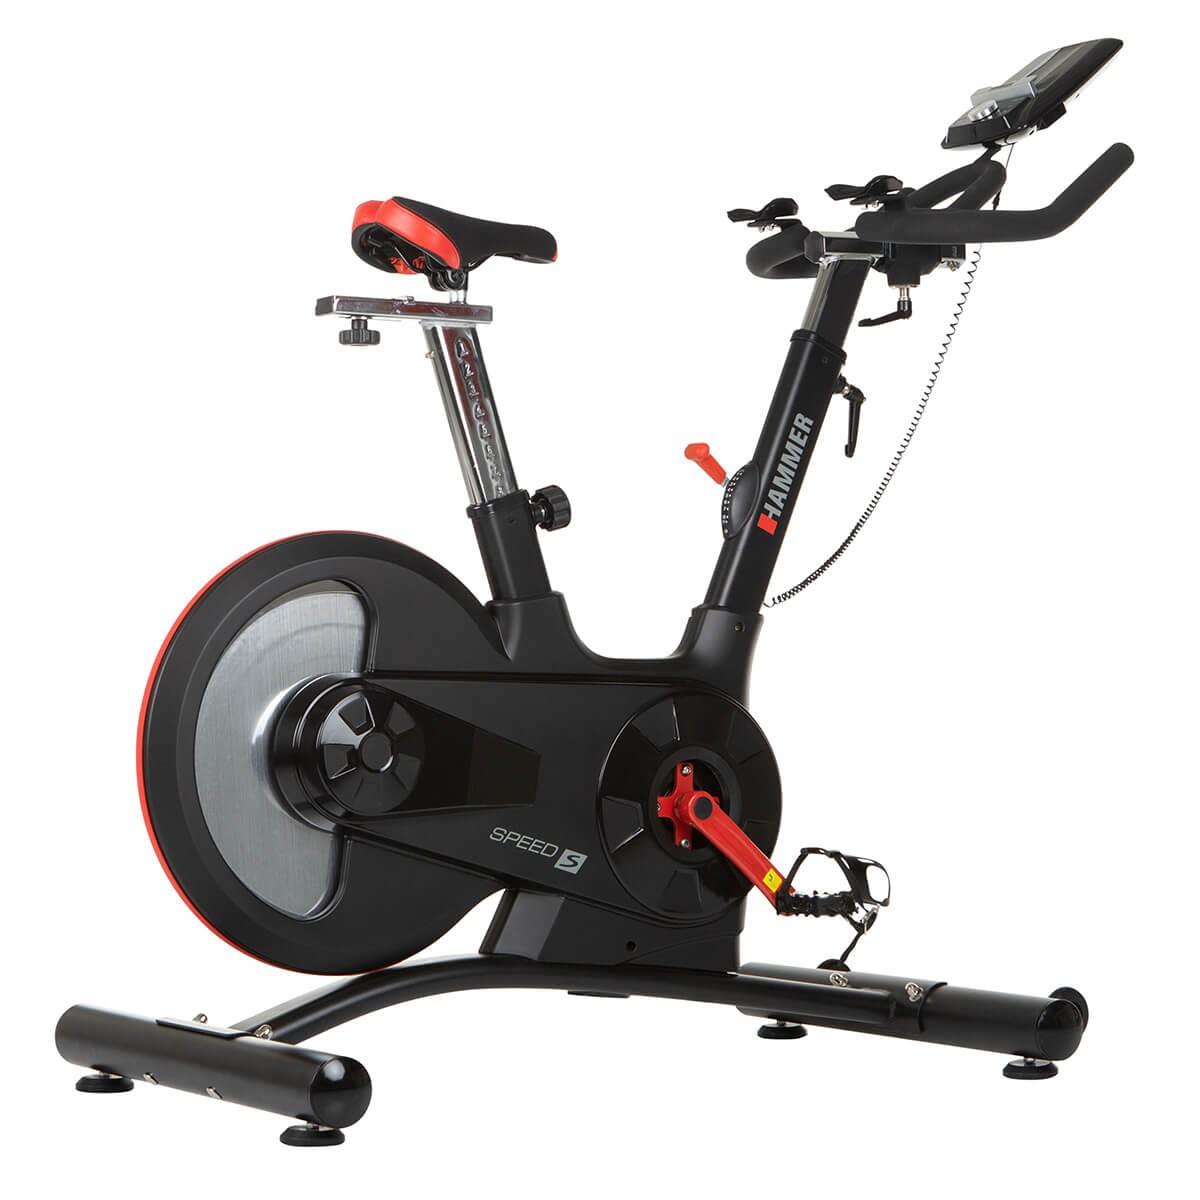 Hammer Speed Racer S Spinningcykel